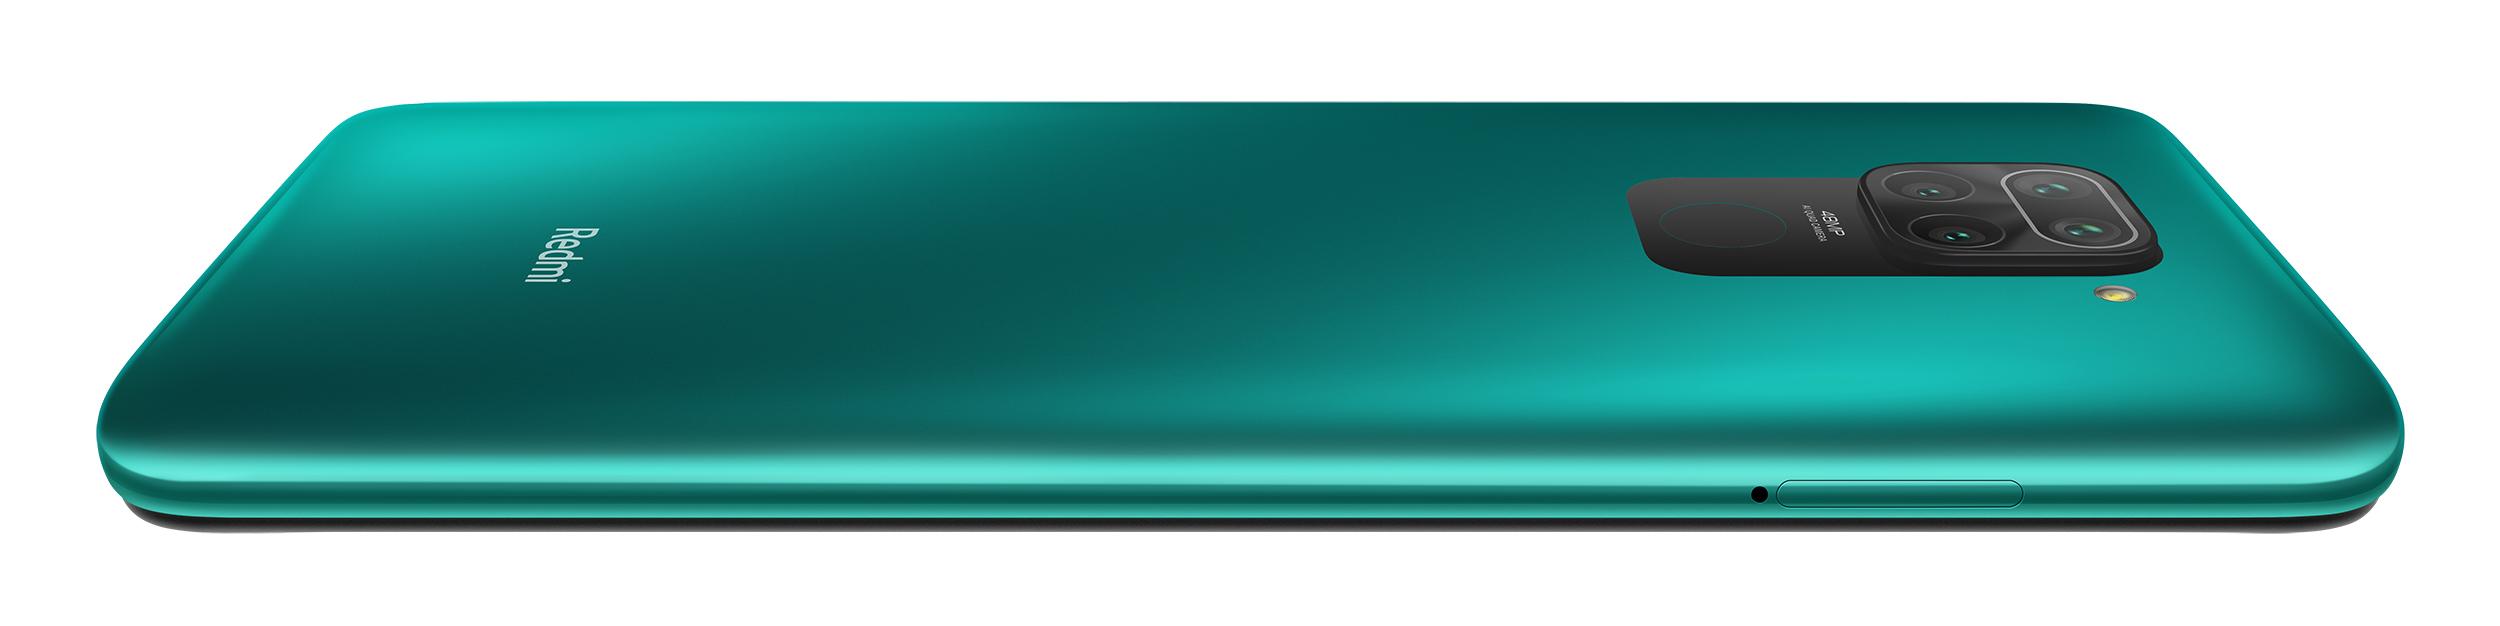 Smartphone Redmi Note 9 - Global - 3+64GB - Verde